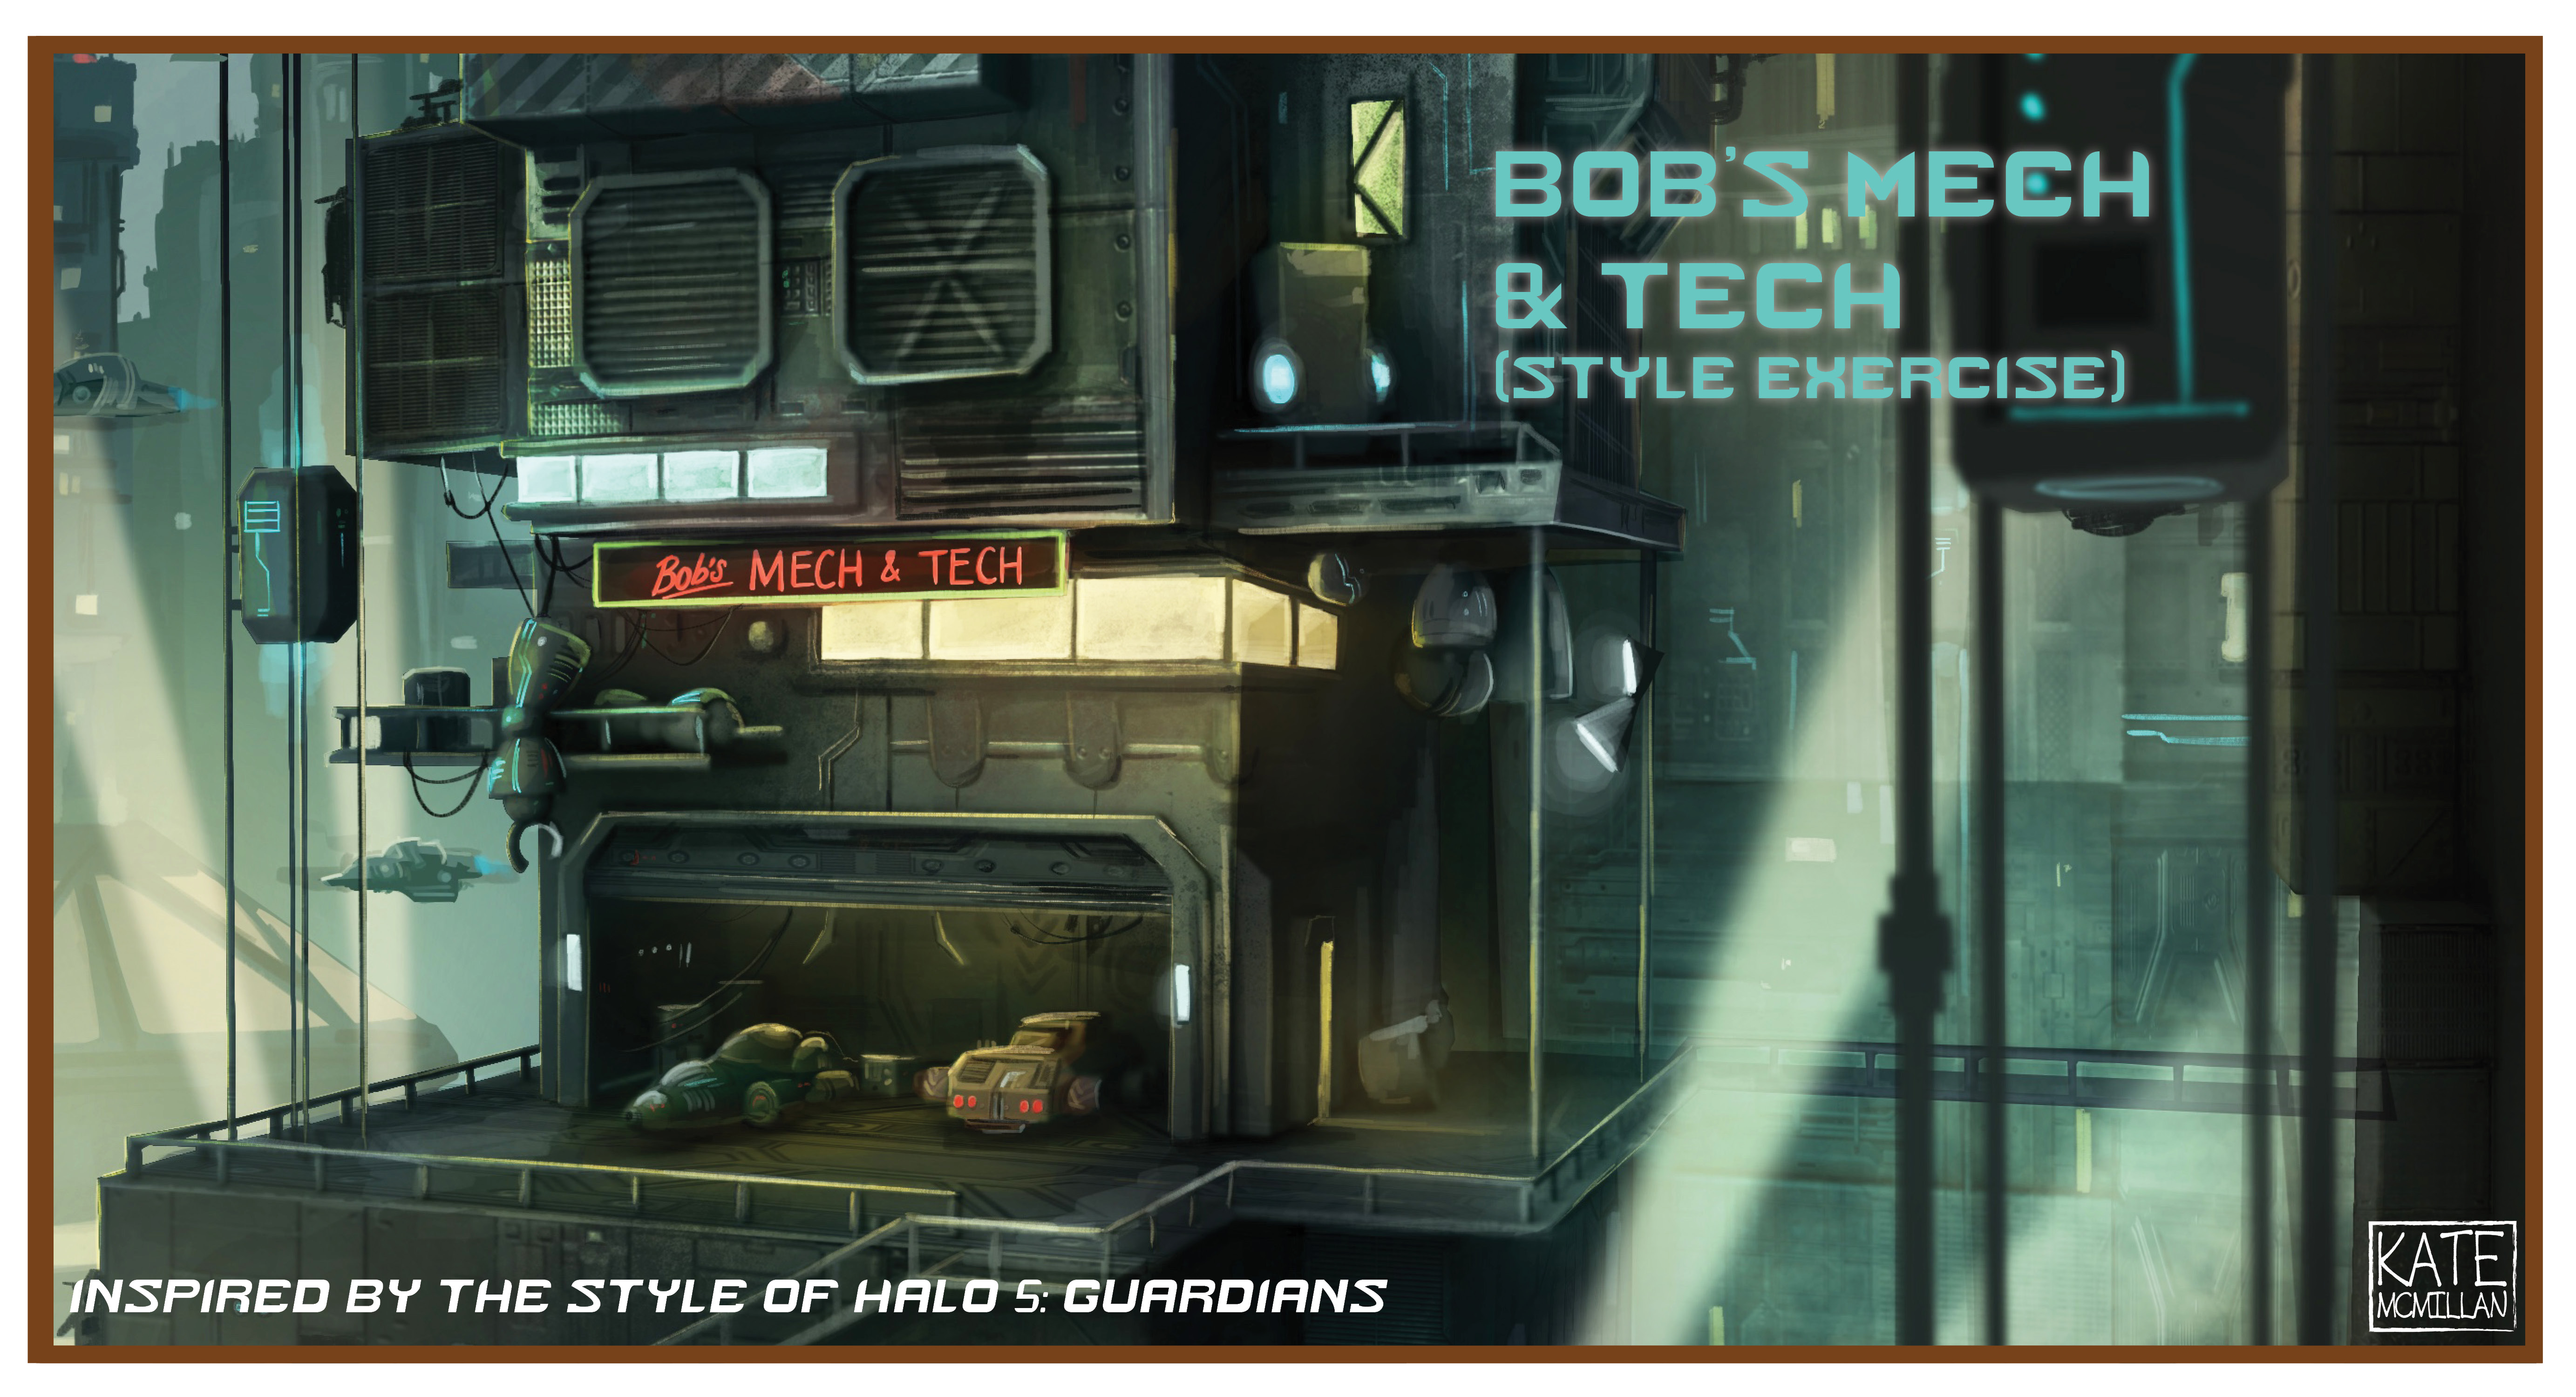 Bob's Mech & Tech